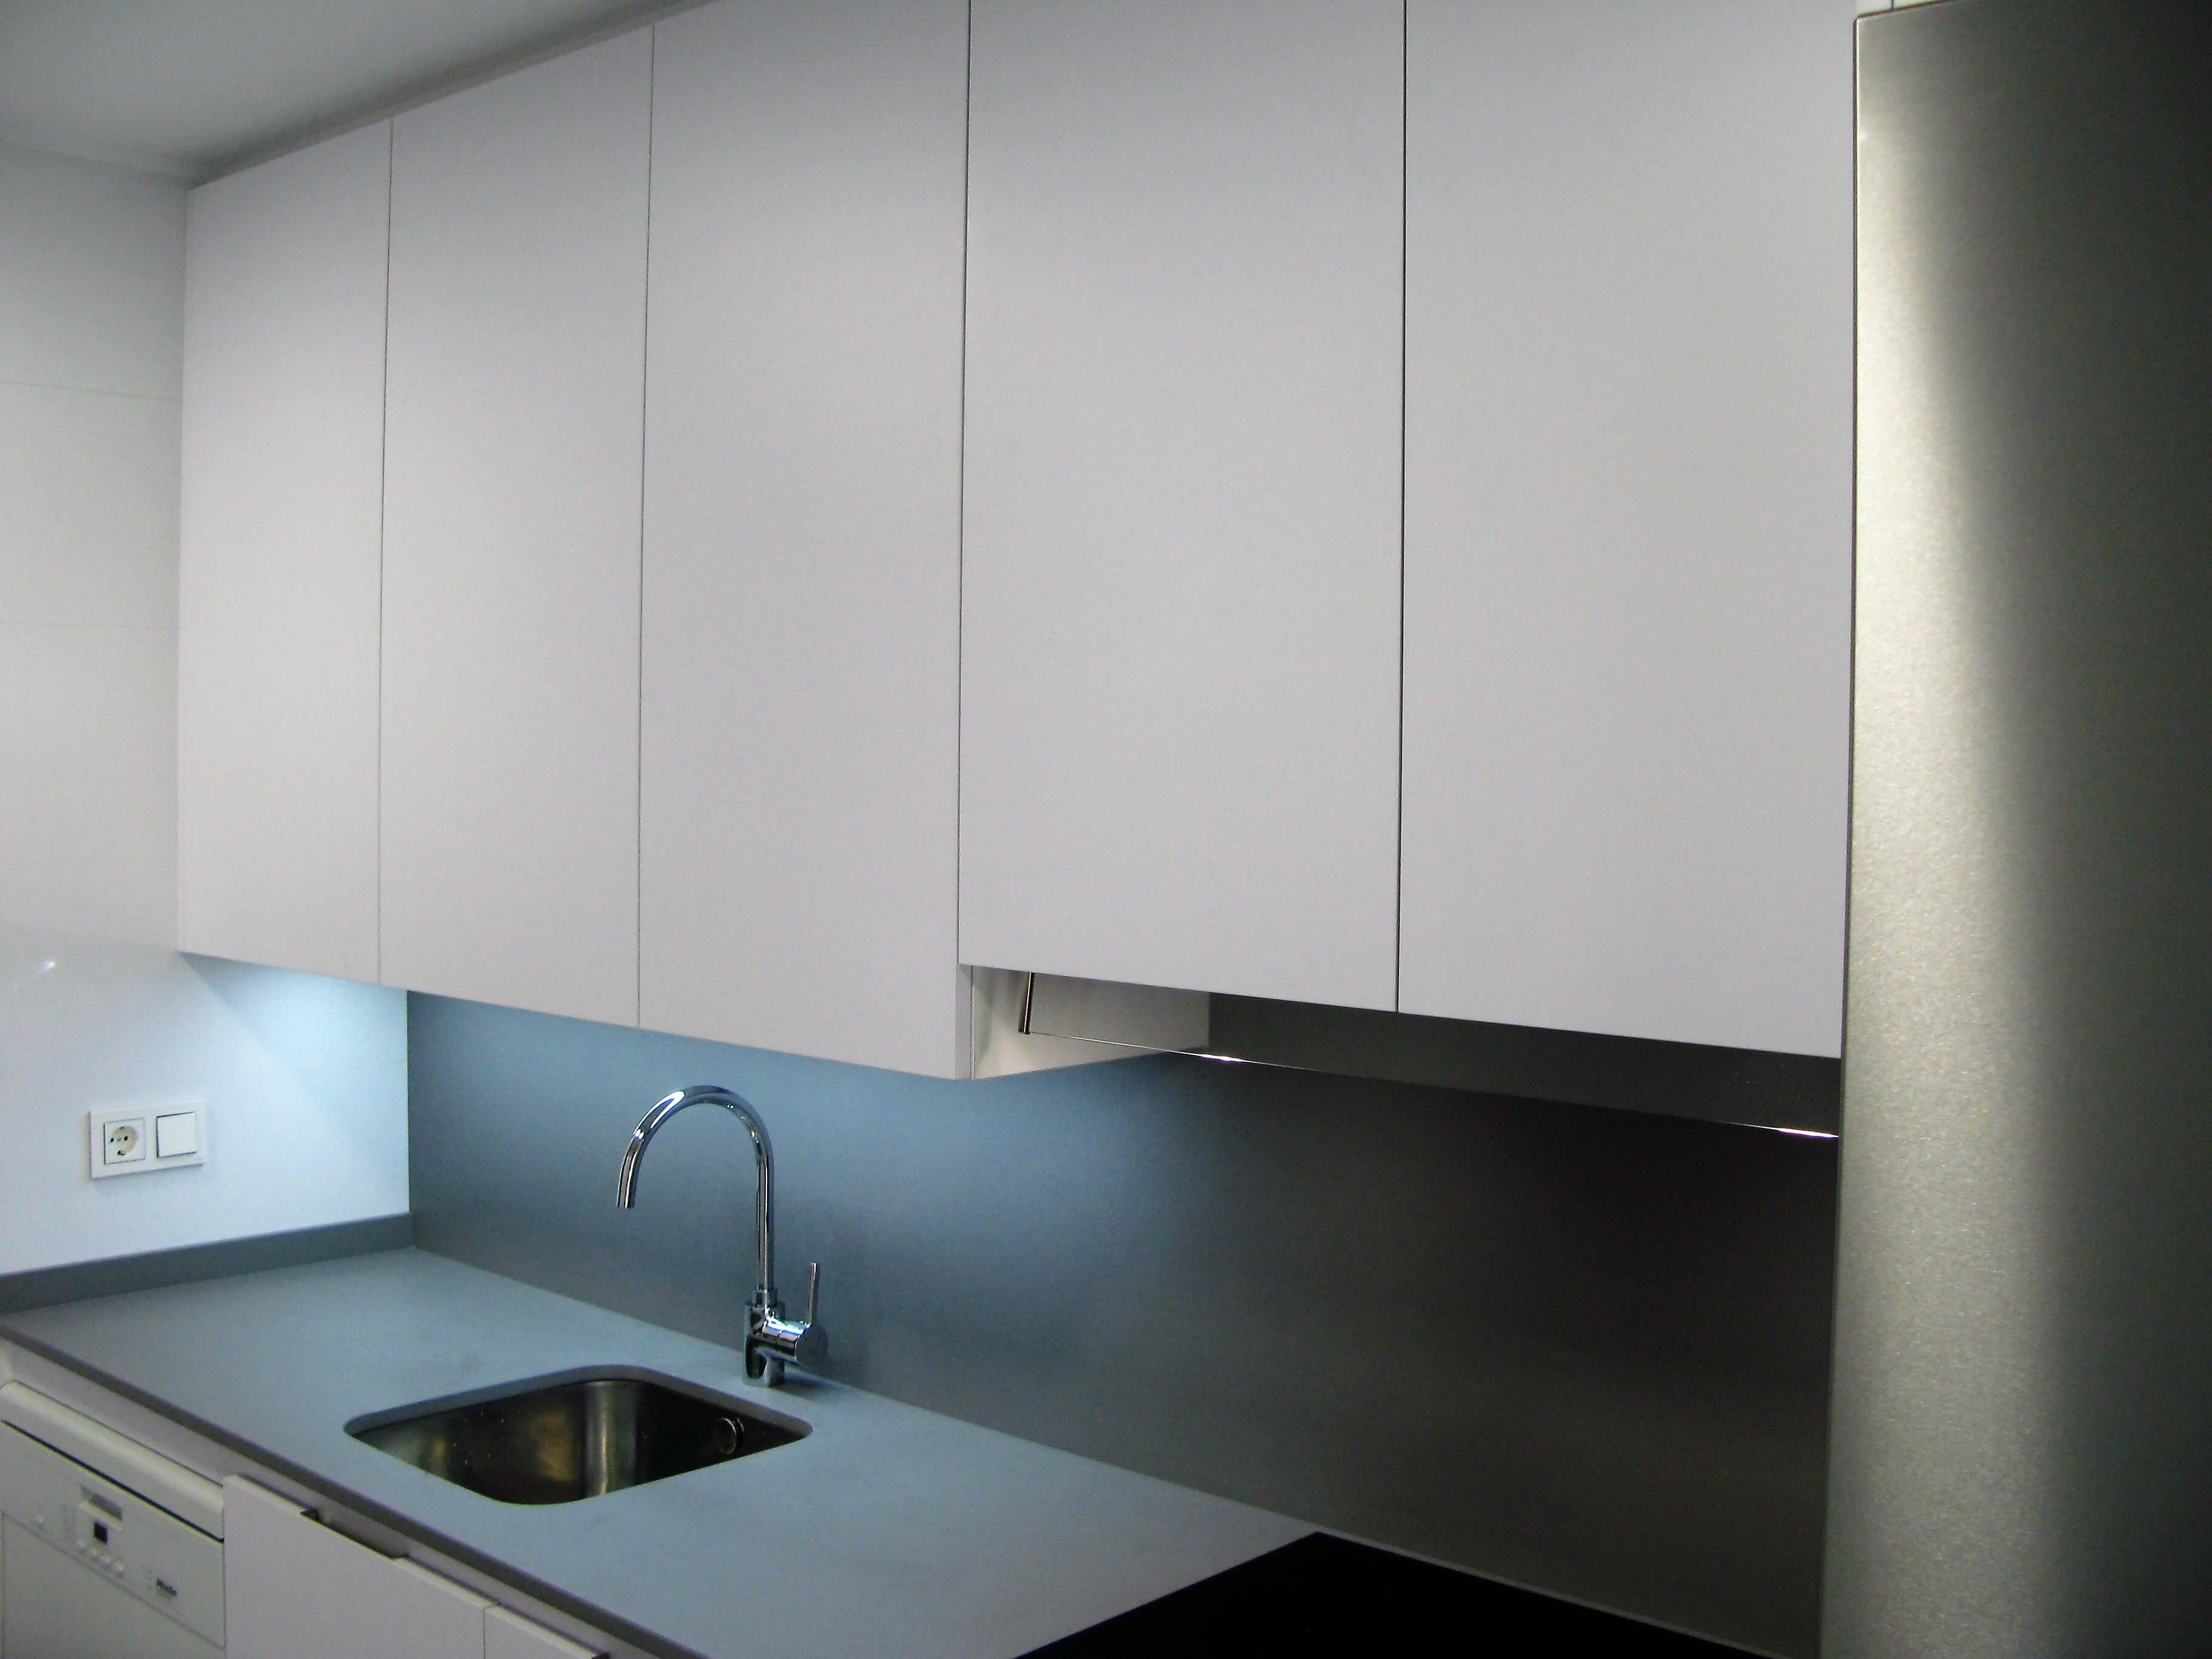 Muebles de cocina hasta el techo, Si o no? Cocinas modernas ...